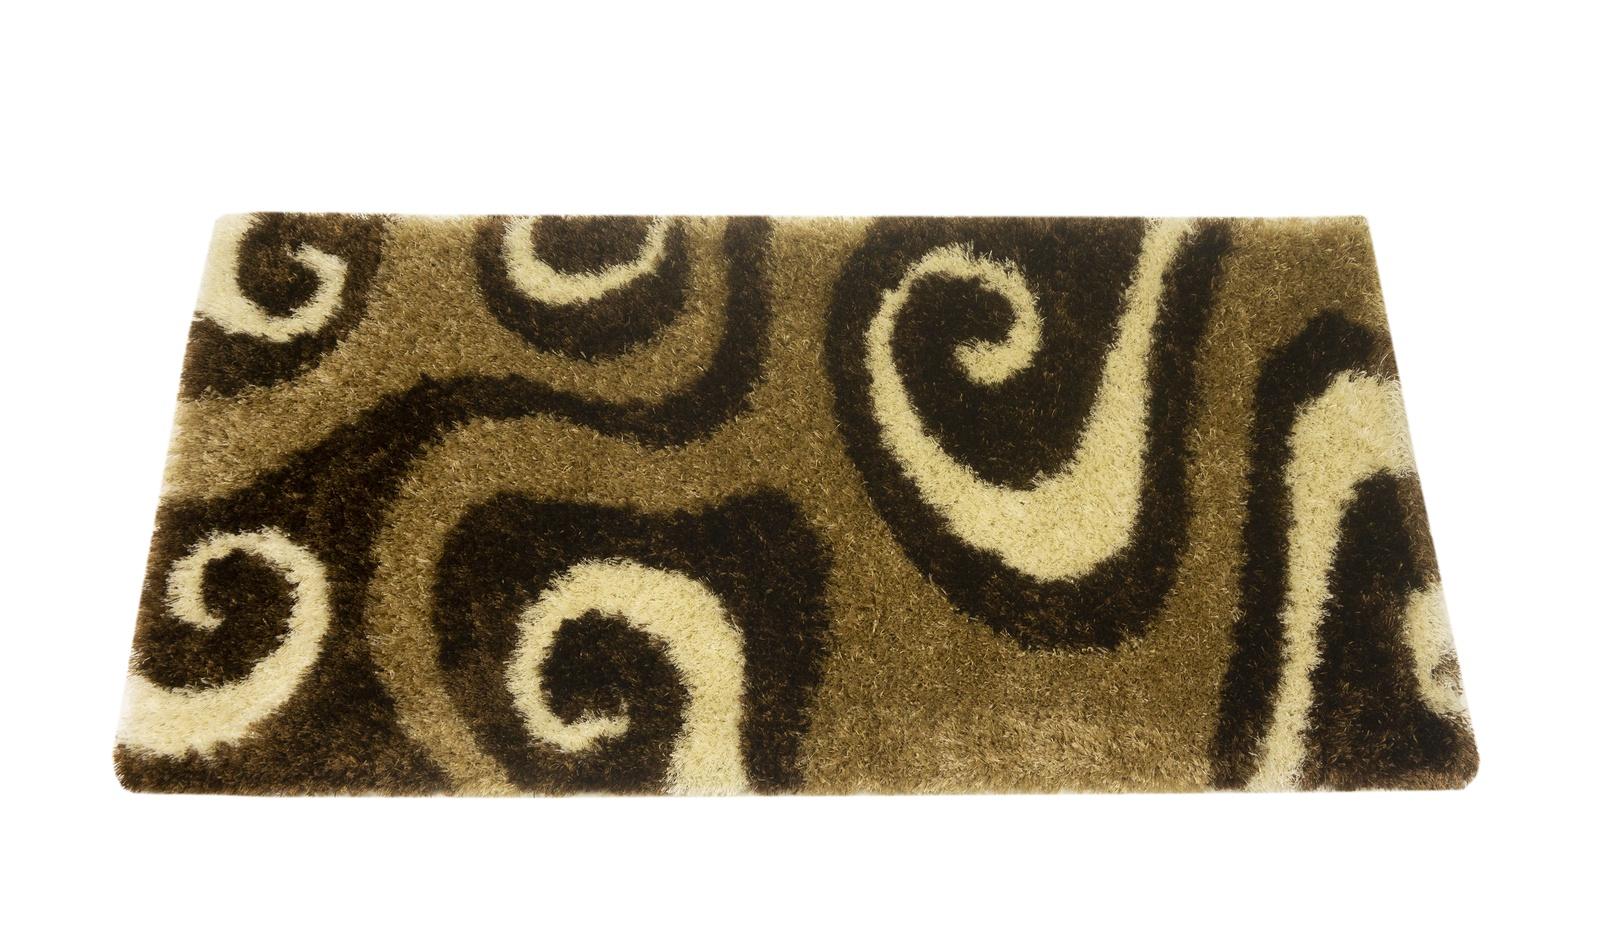 лучшая цена Ковер MADONNA 1,6х2,3/прямоугольник/86705/беж-коричневый